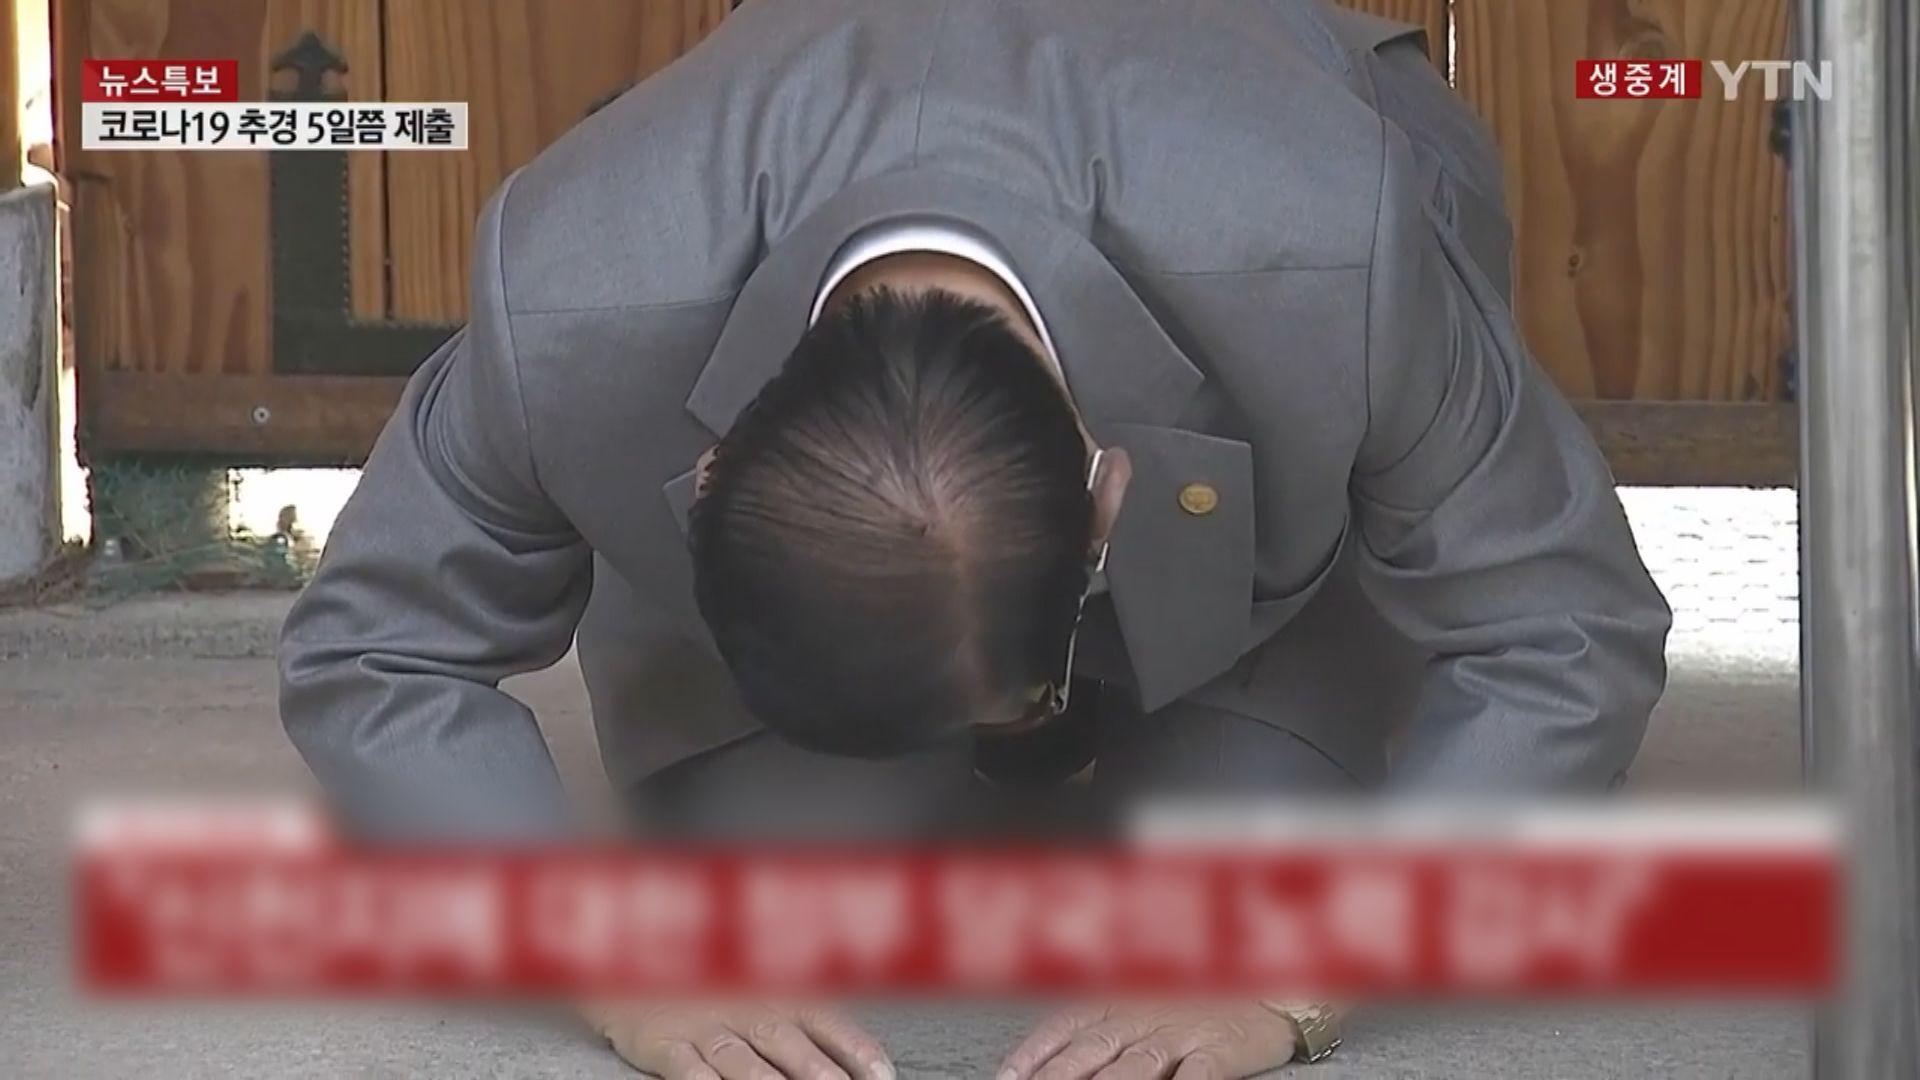 大批教徒受感染 南韓新天地教會教主跪地道歉